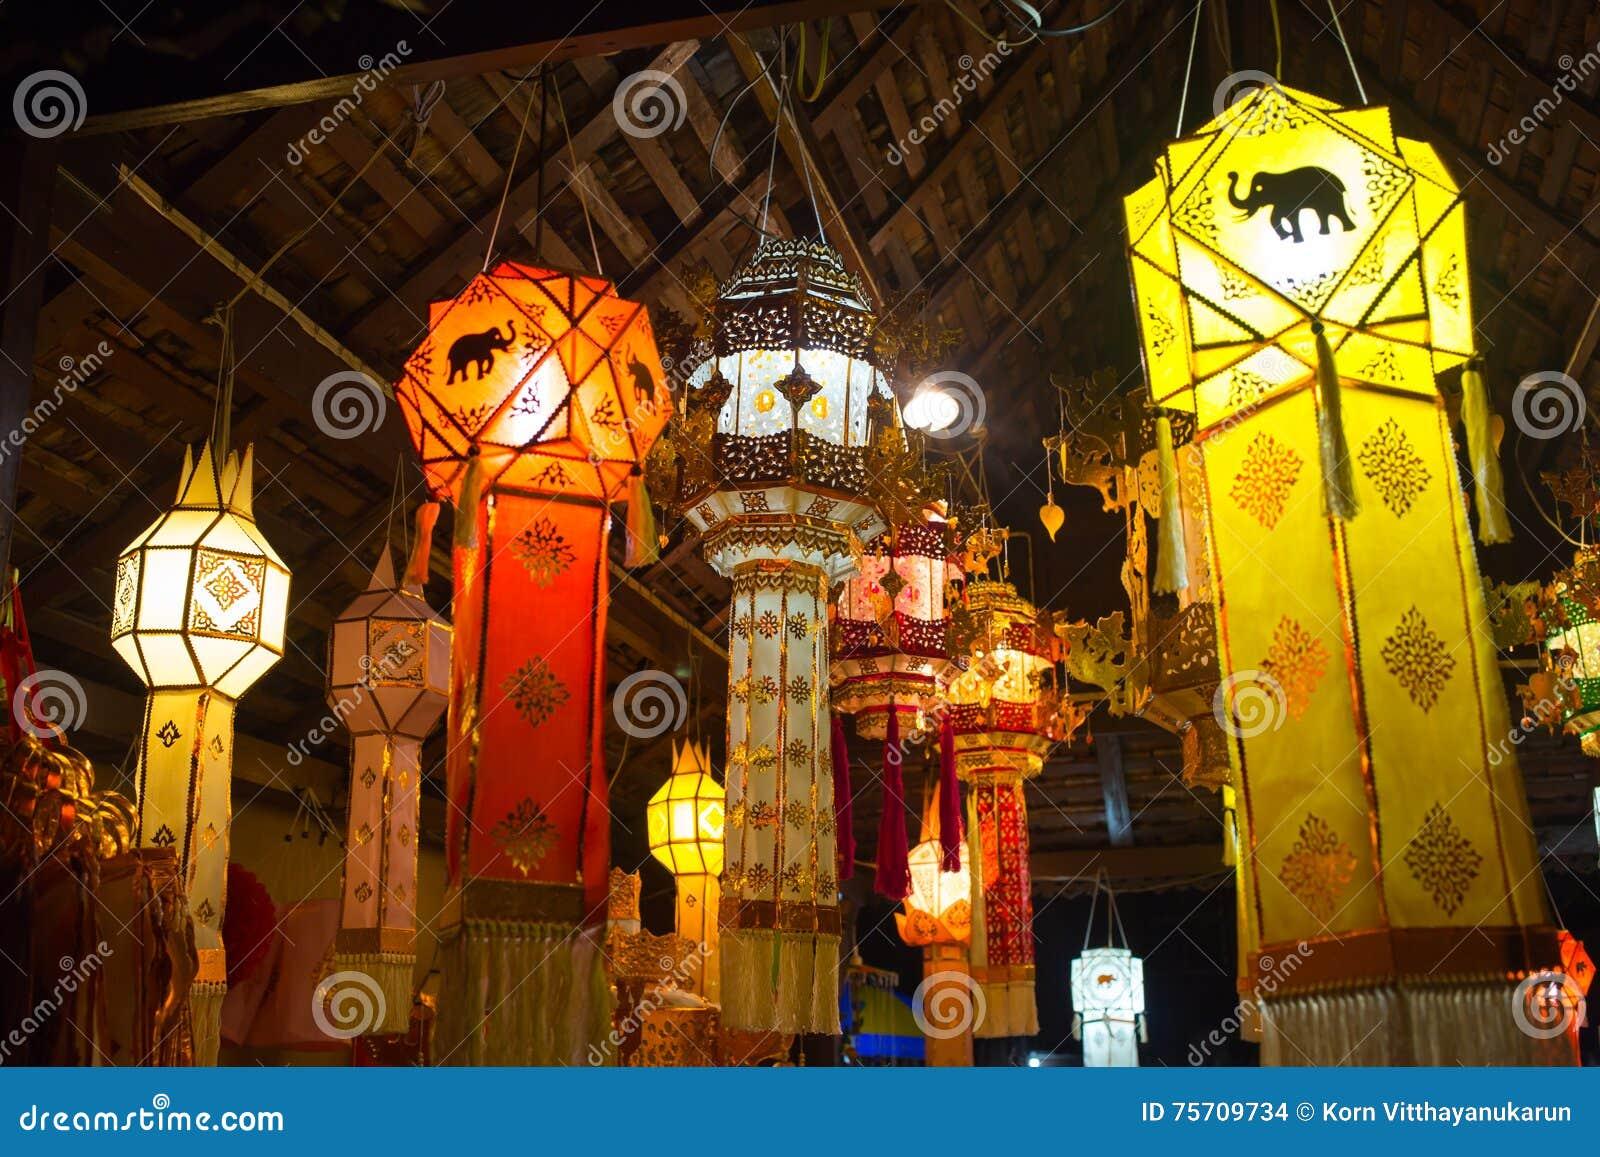 Thai culture values essay